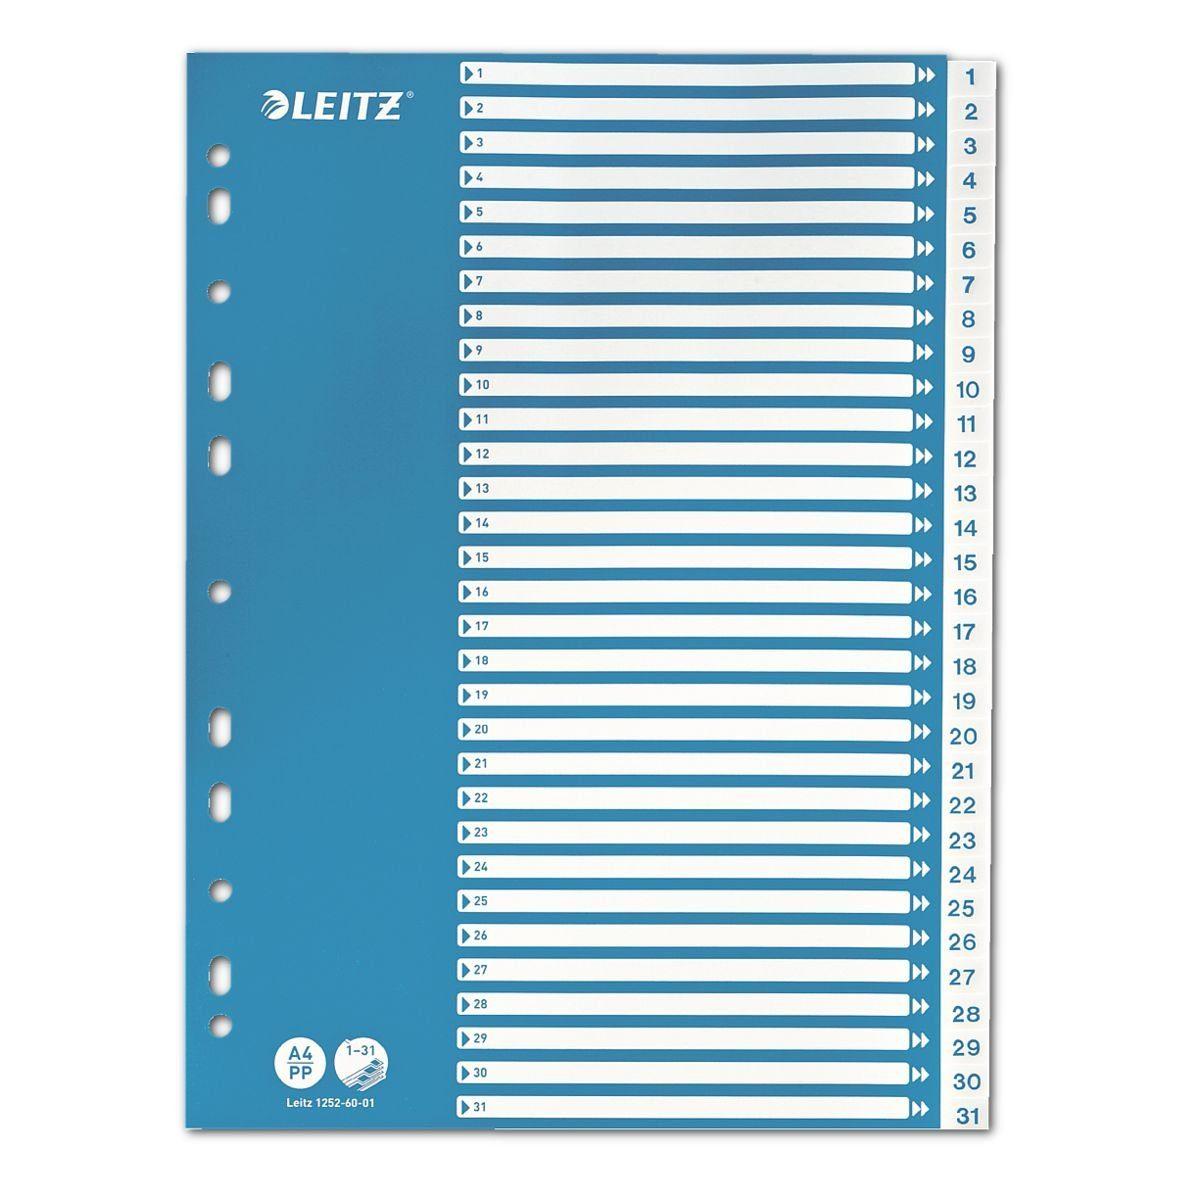 Leitz Kunststoffregister 1-31 A4 »1252«